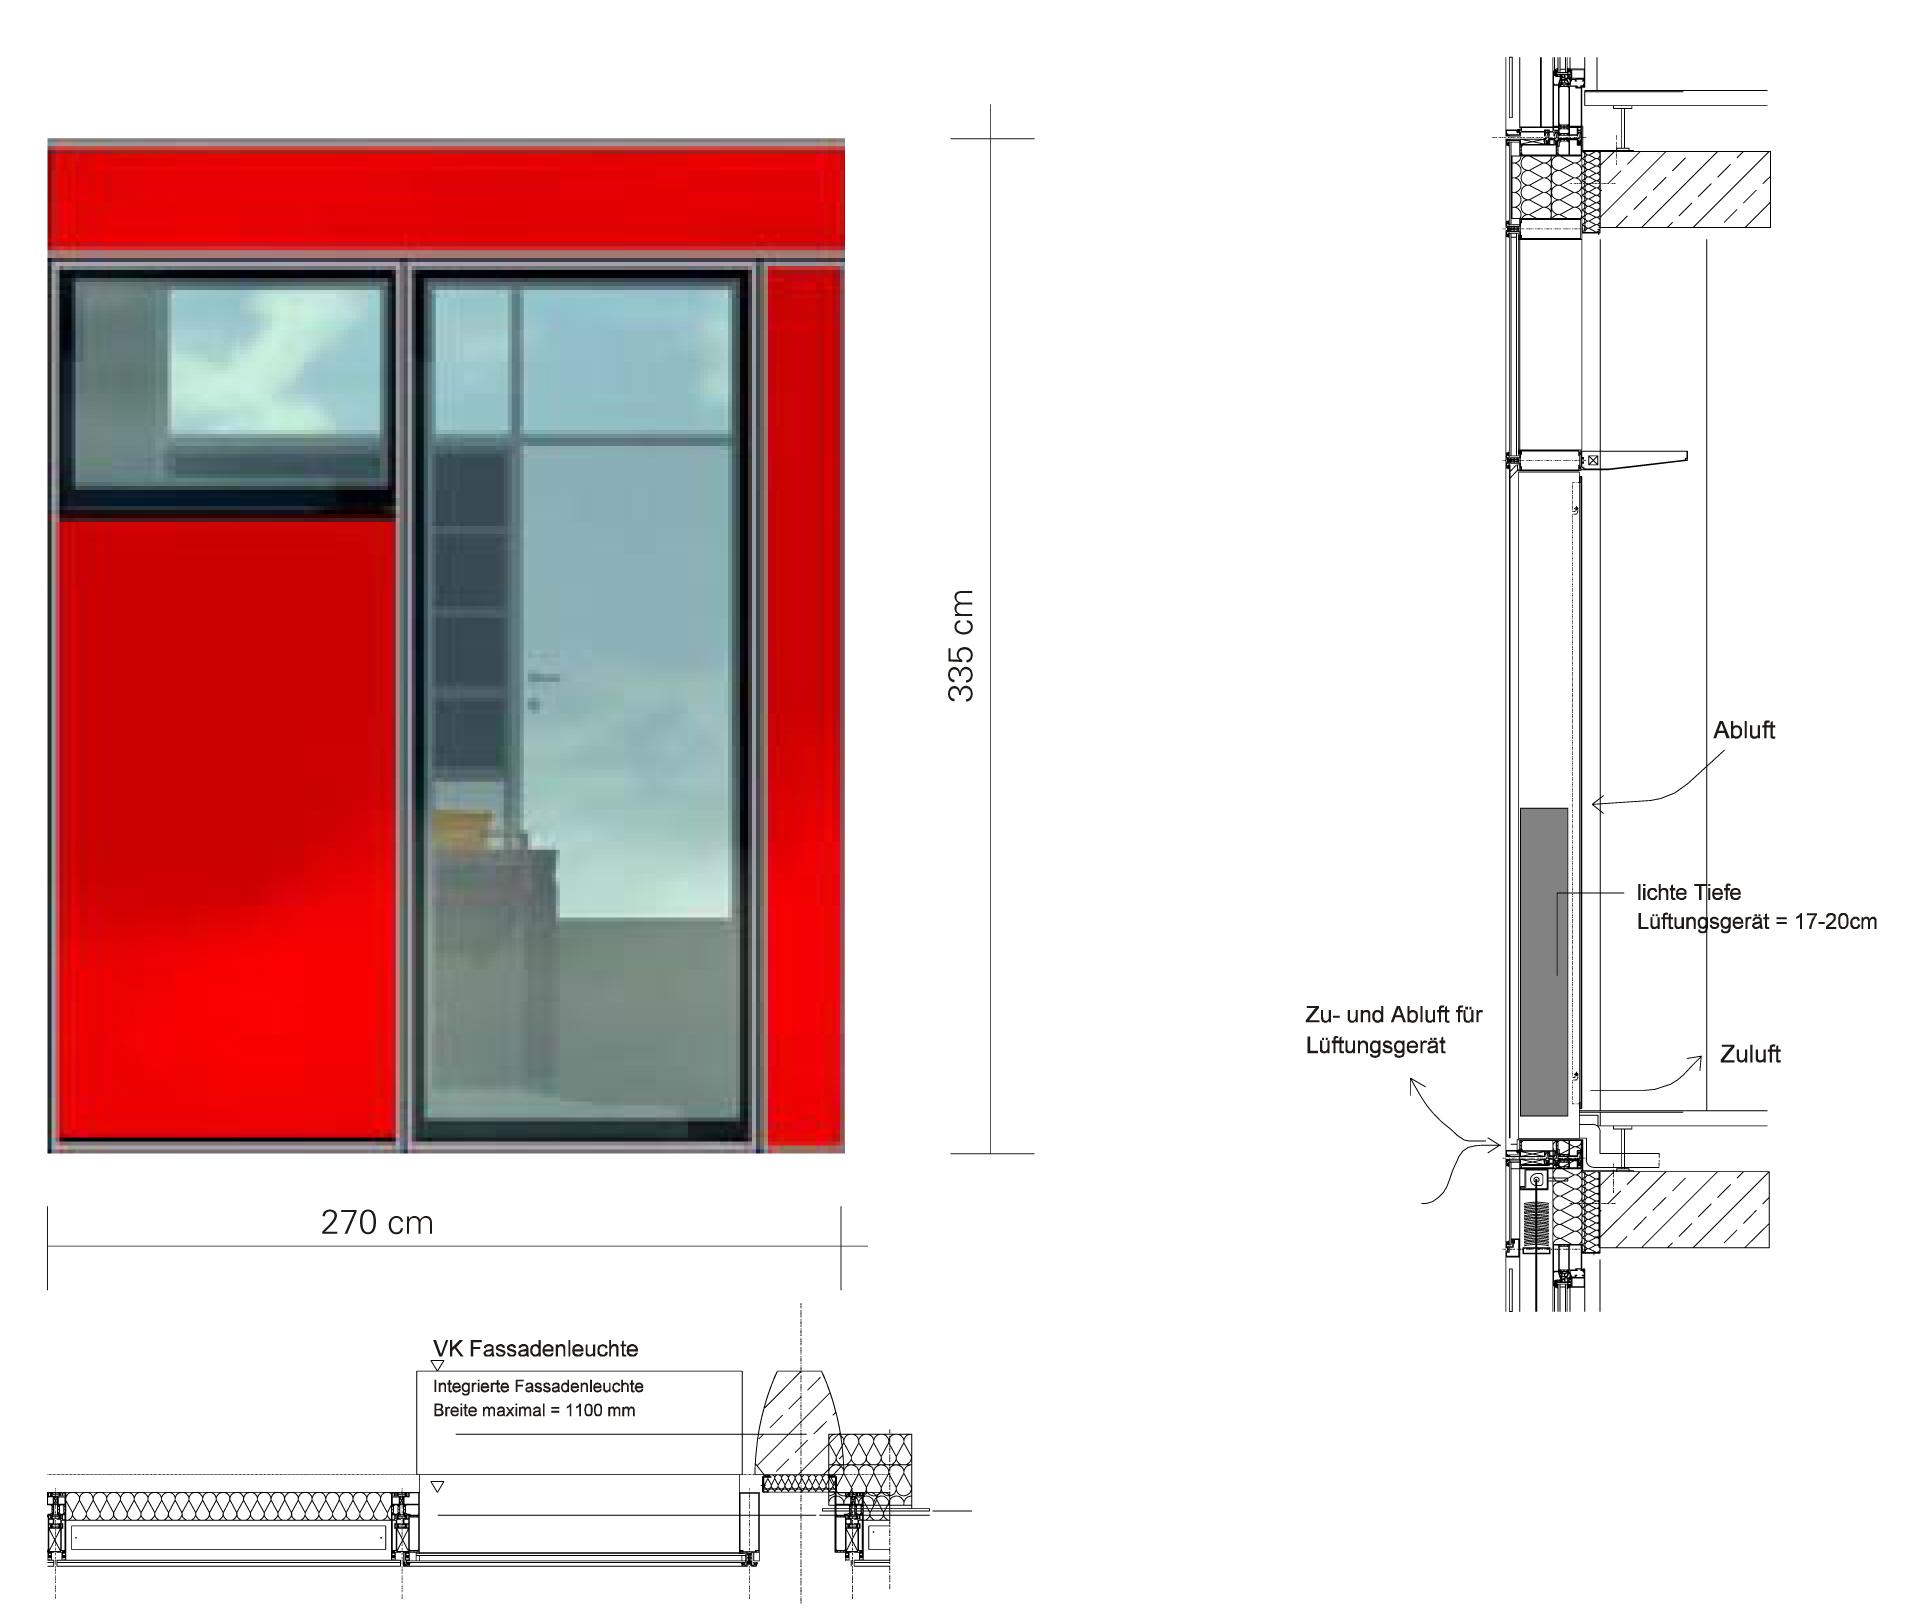 Fragmented window i module in Düsseldorf [131] filt3rs #CA0102